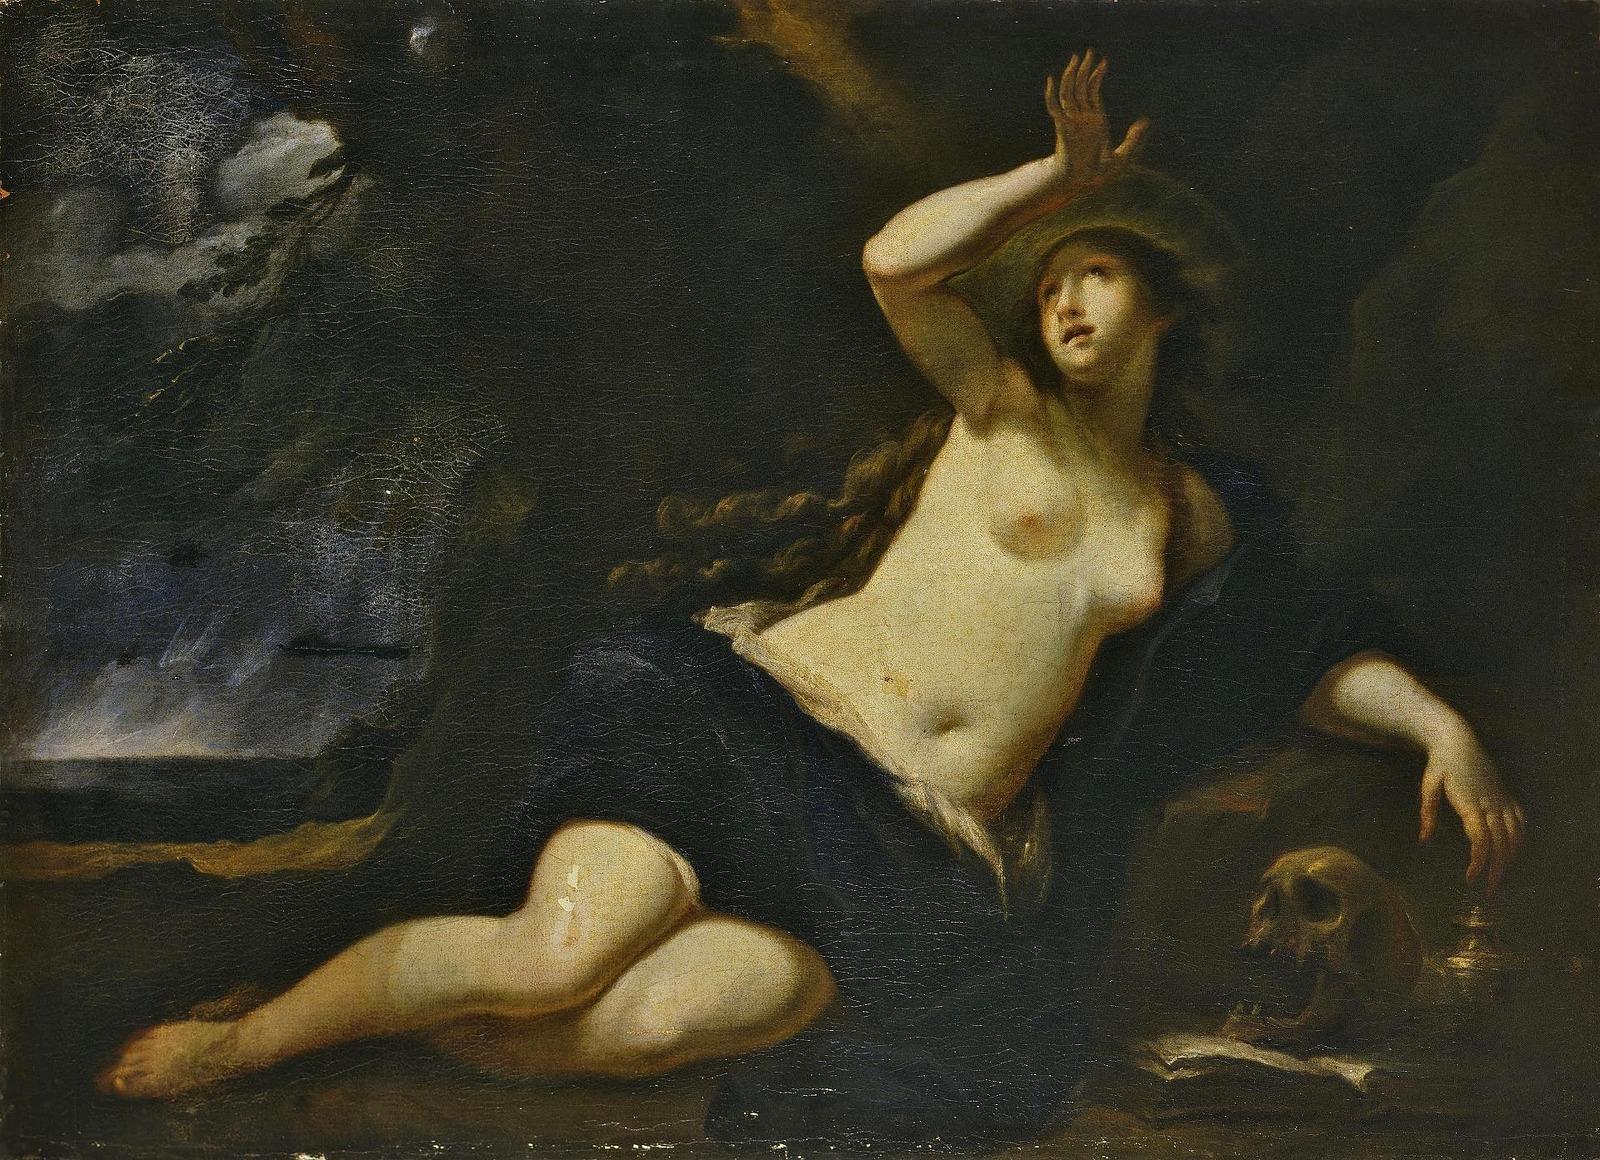 Святая Мария Магдалина (Saint Mary Magdalen)_ок.1642_124 х 172_х.,м._Санкт-Петербург, Эрмитаж.jpg